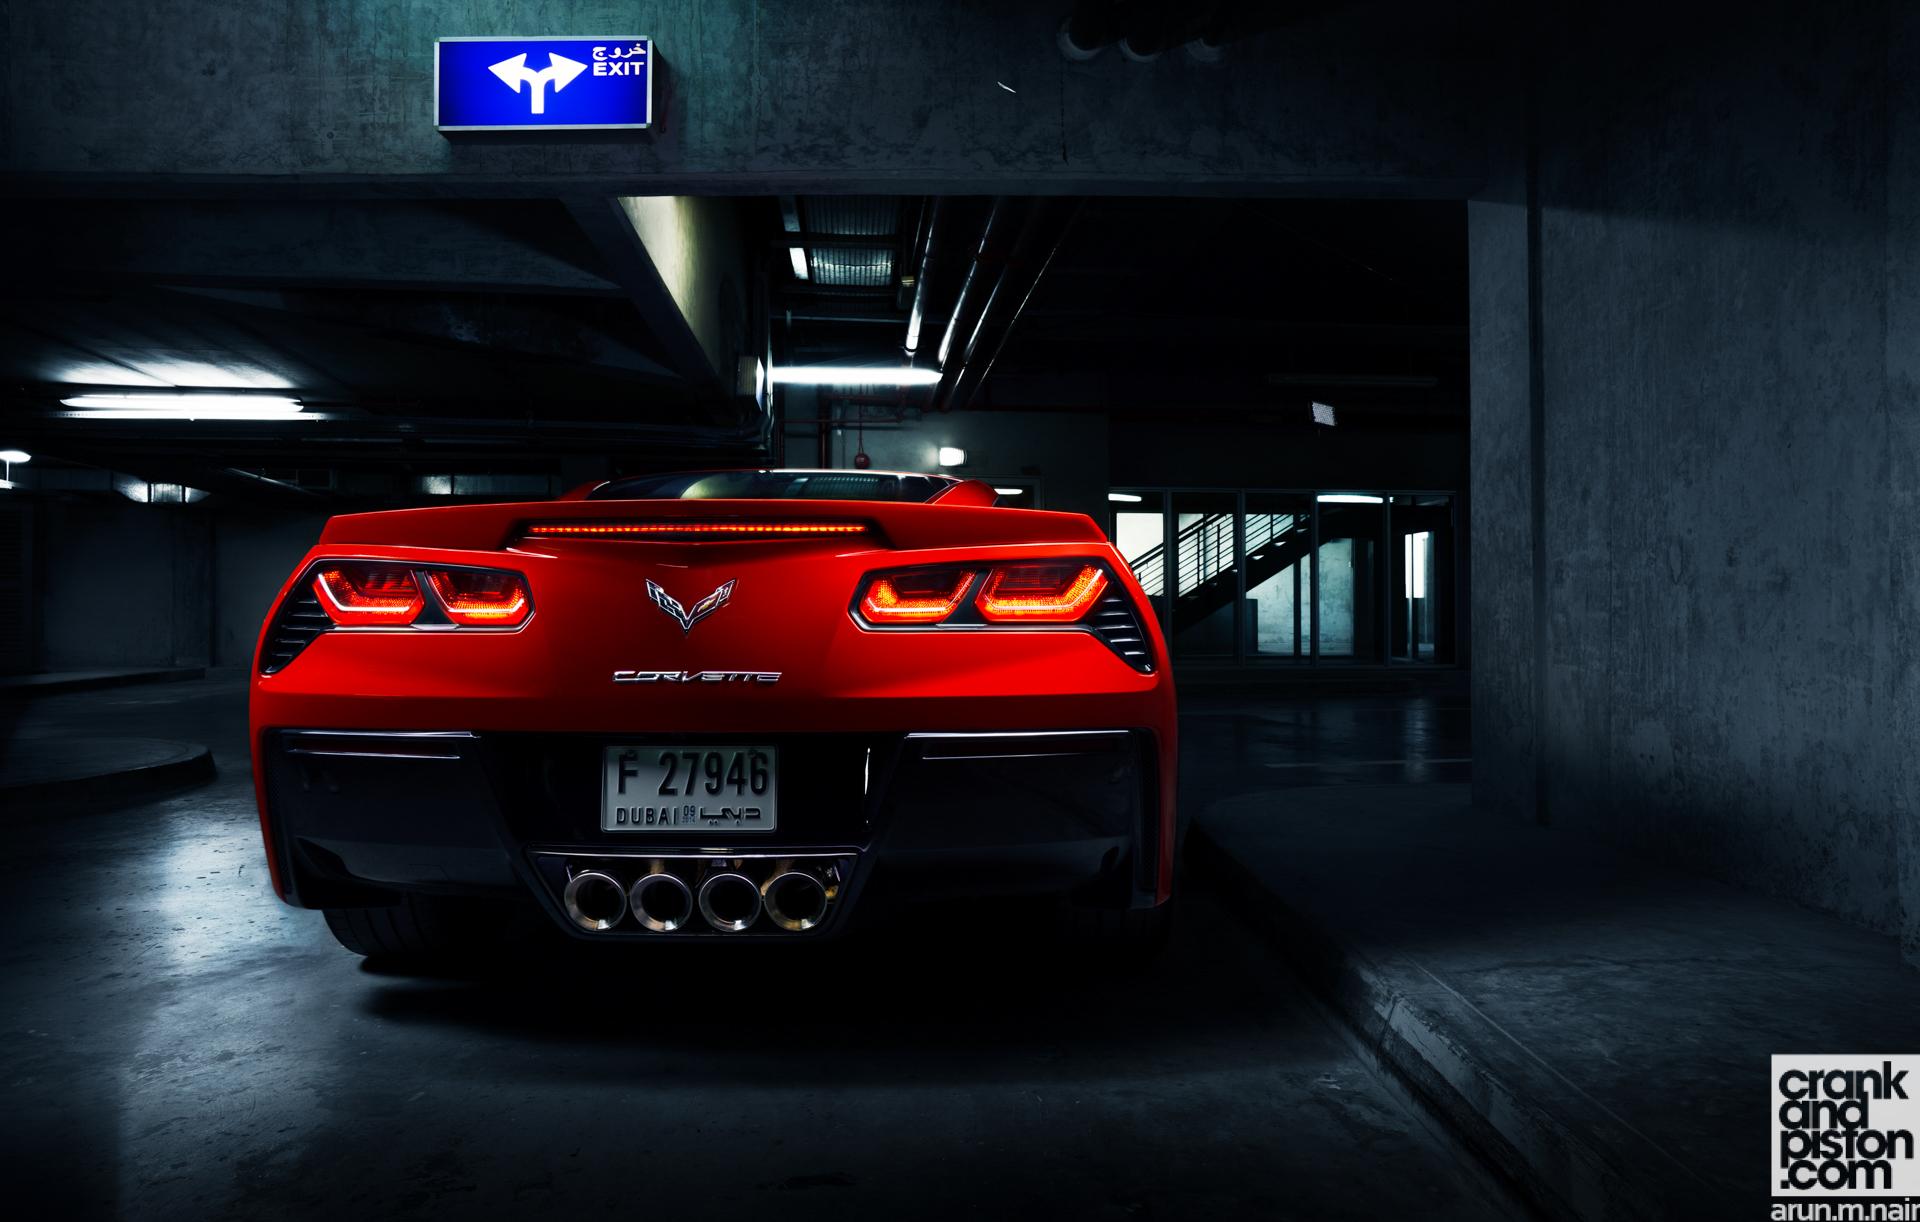 Corvette C7 Stingray Wallpaper-08